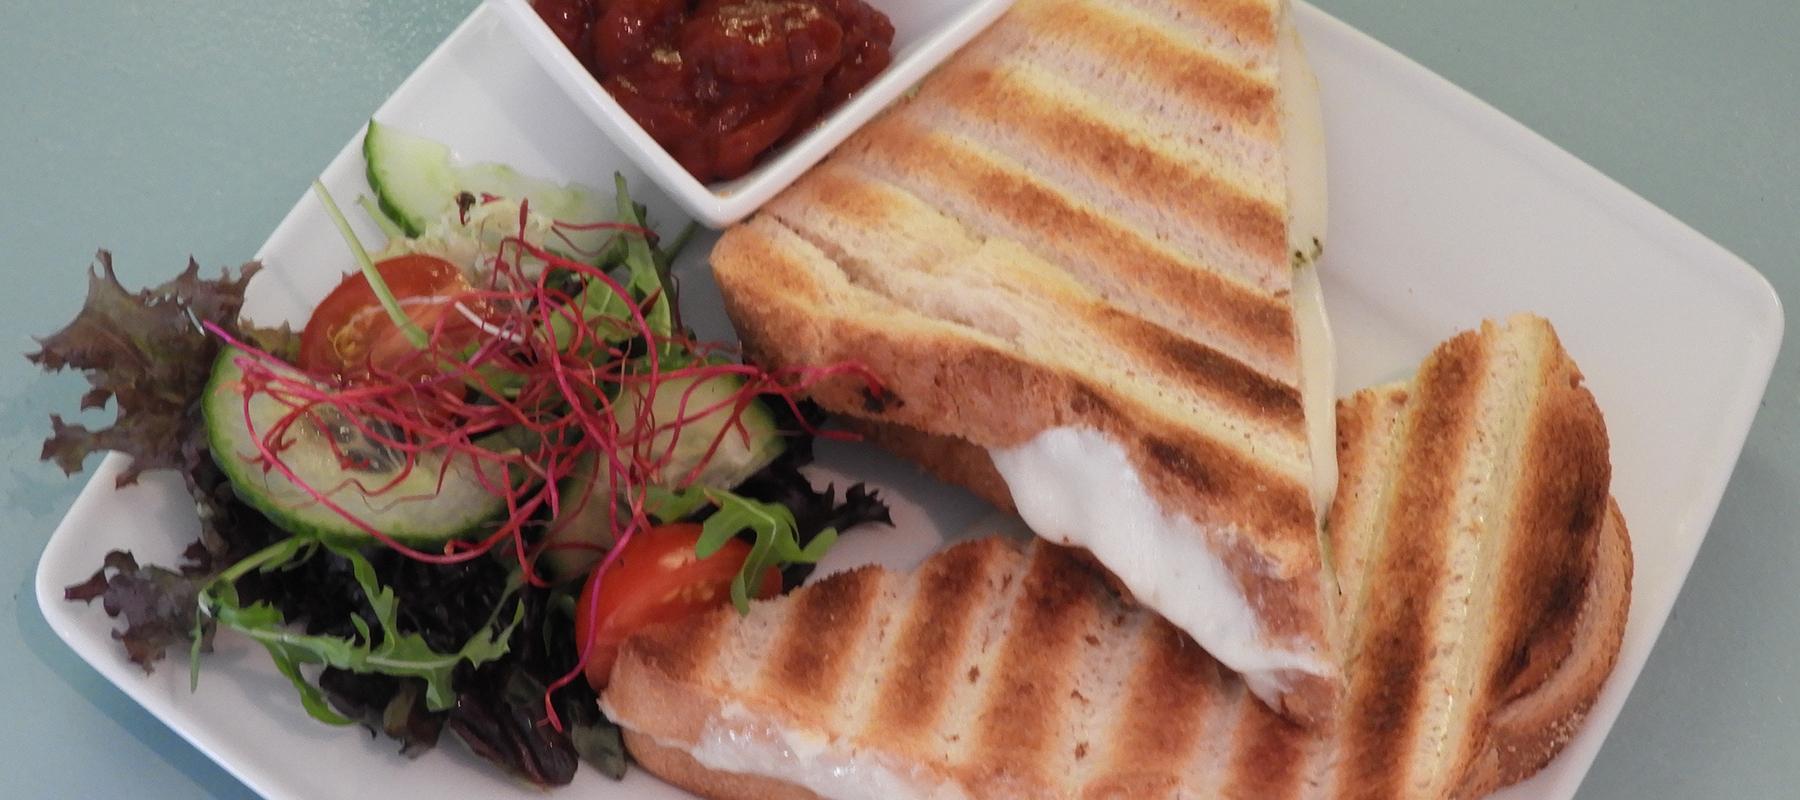 Bistro 't Gemak - Hoornaar - Gezond en makkelijk eten 12 (menukaart)